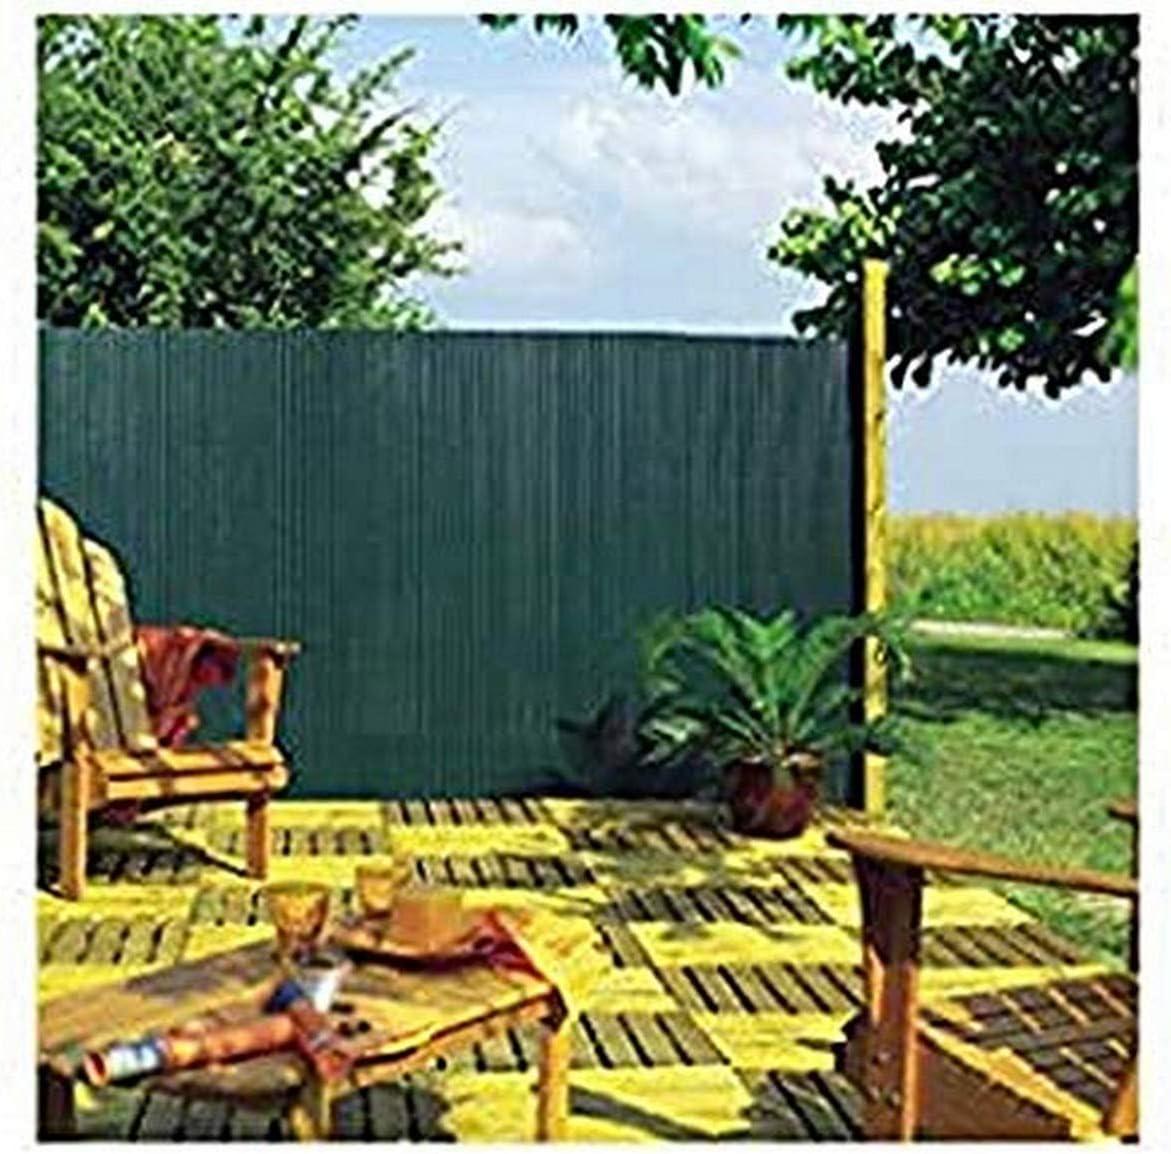 Intermas M292834 - Cañizo sintetico media caña 1 x 3 m bambu: Amazon.es: Bricolaje y herramientas